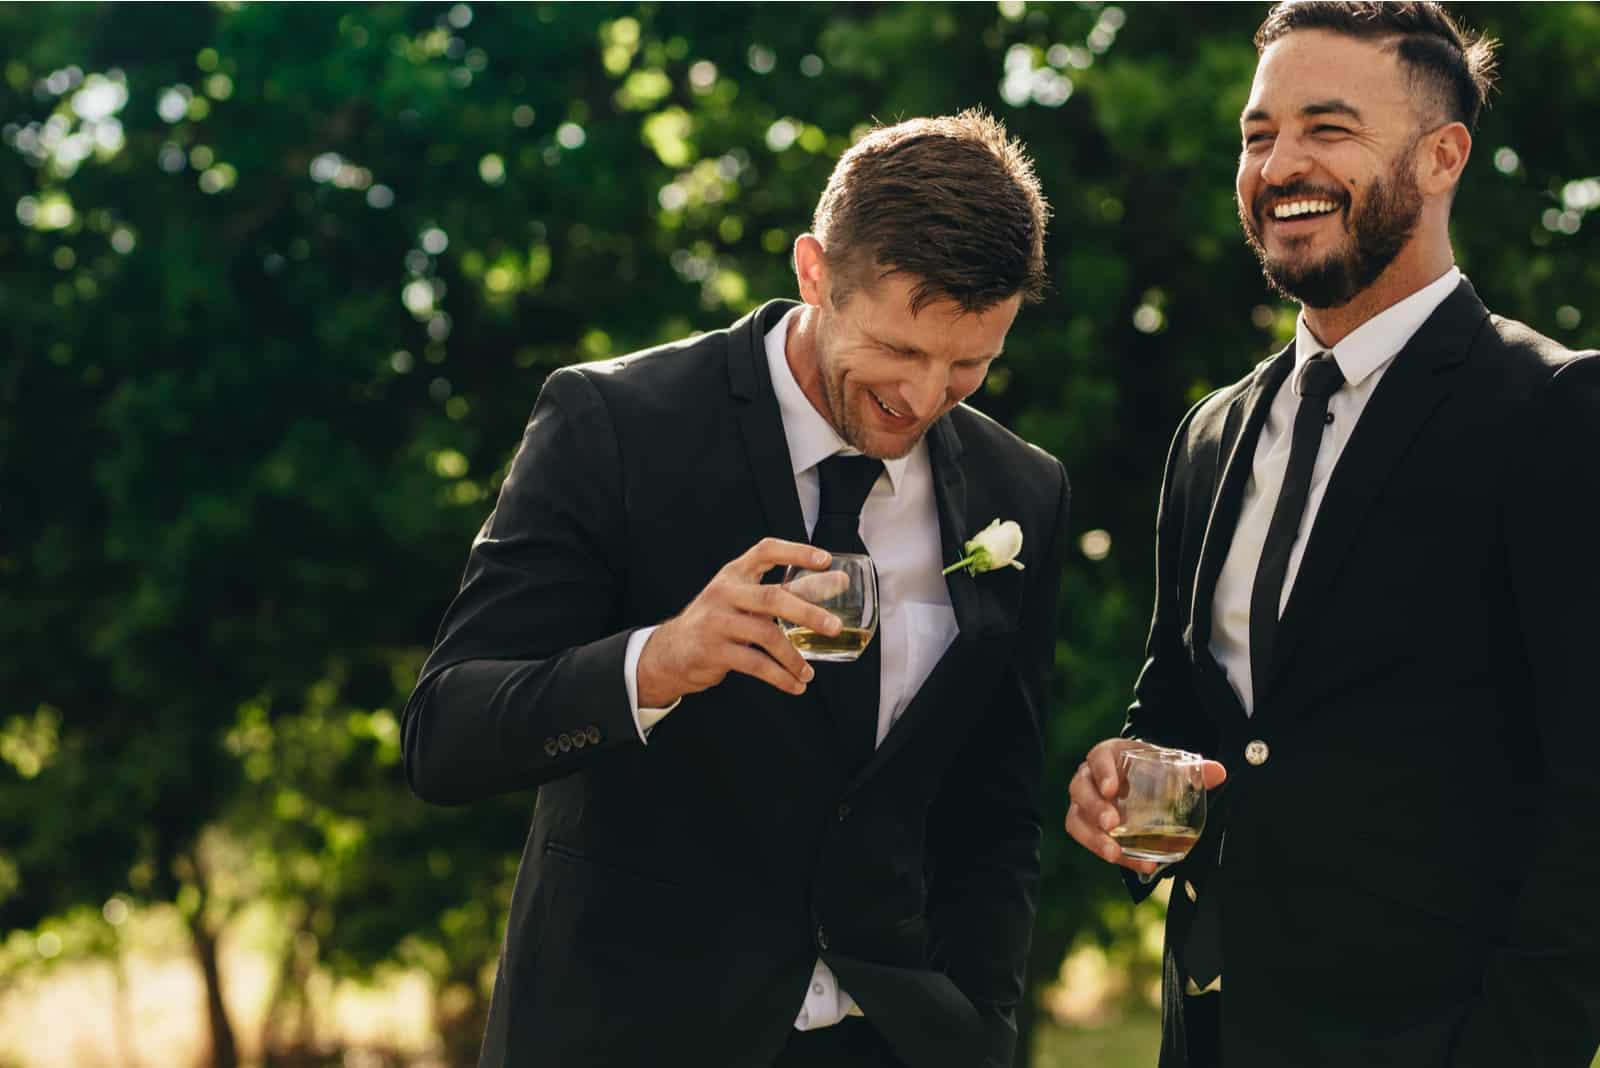 Bräutigam und Trauzeuge trinken und lächeln während der Hochzeitsfeier (1)